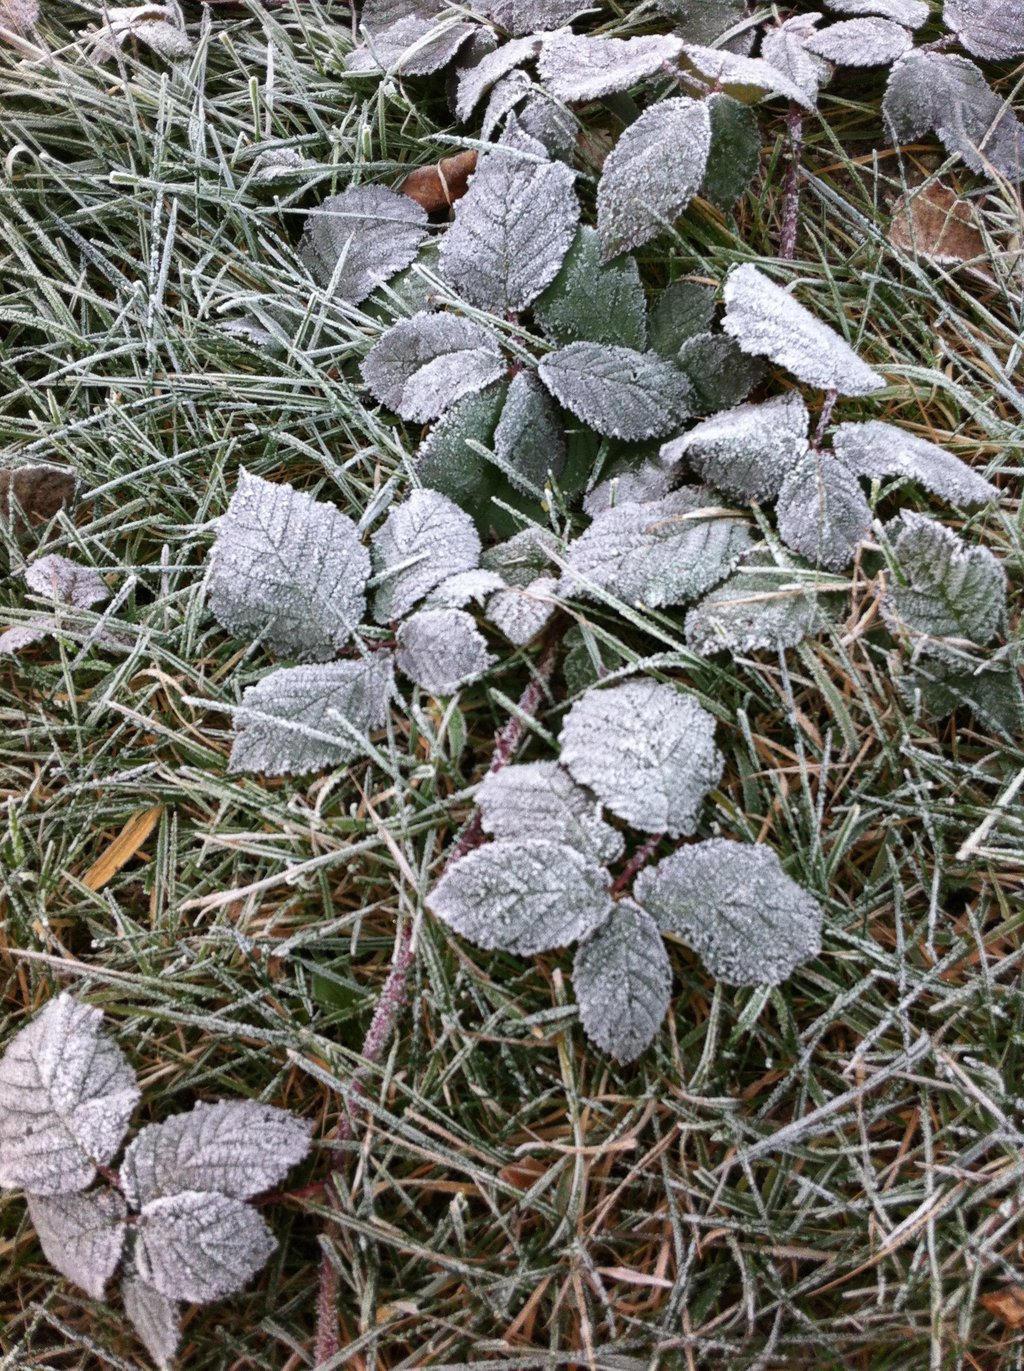 Frosty Leaves 1 by SnowWolfx13